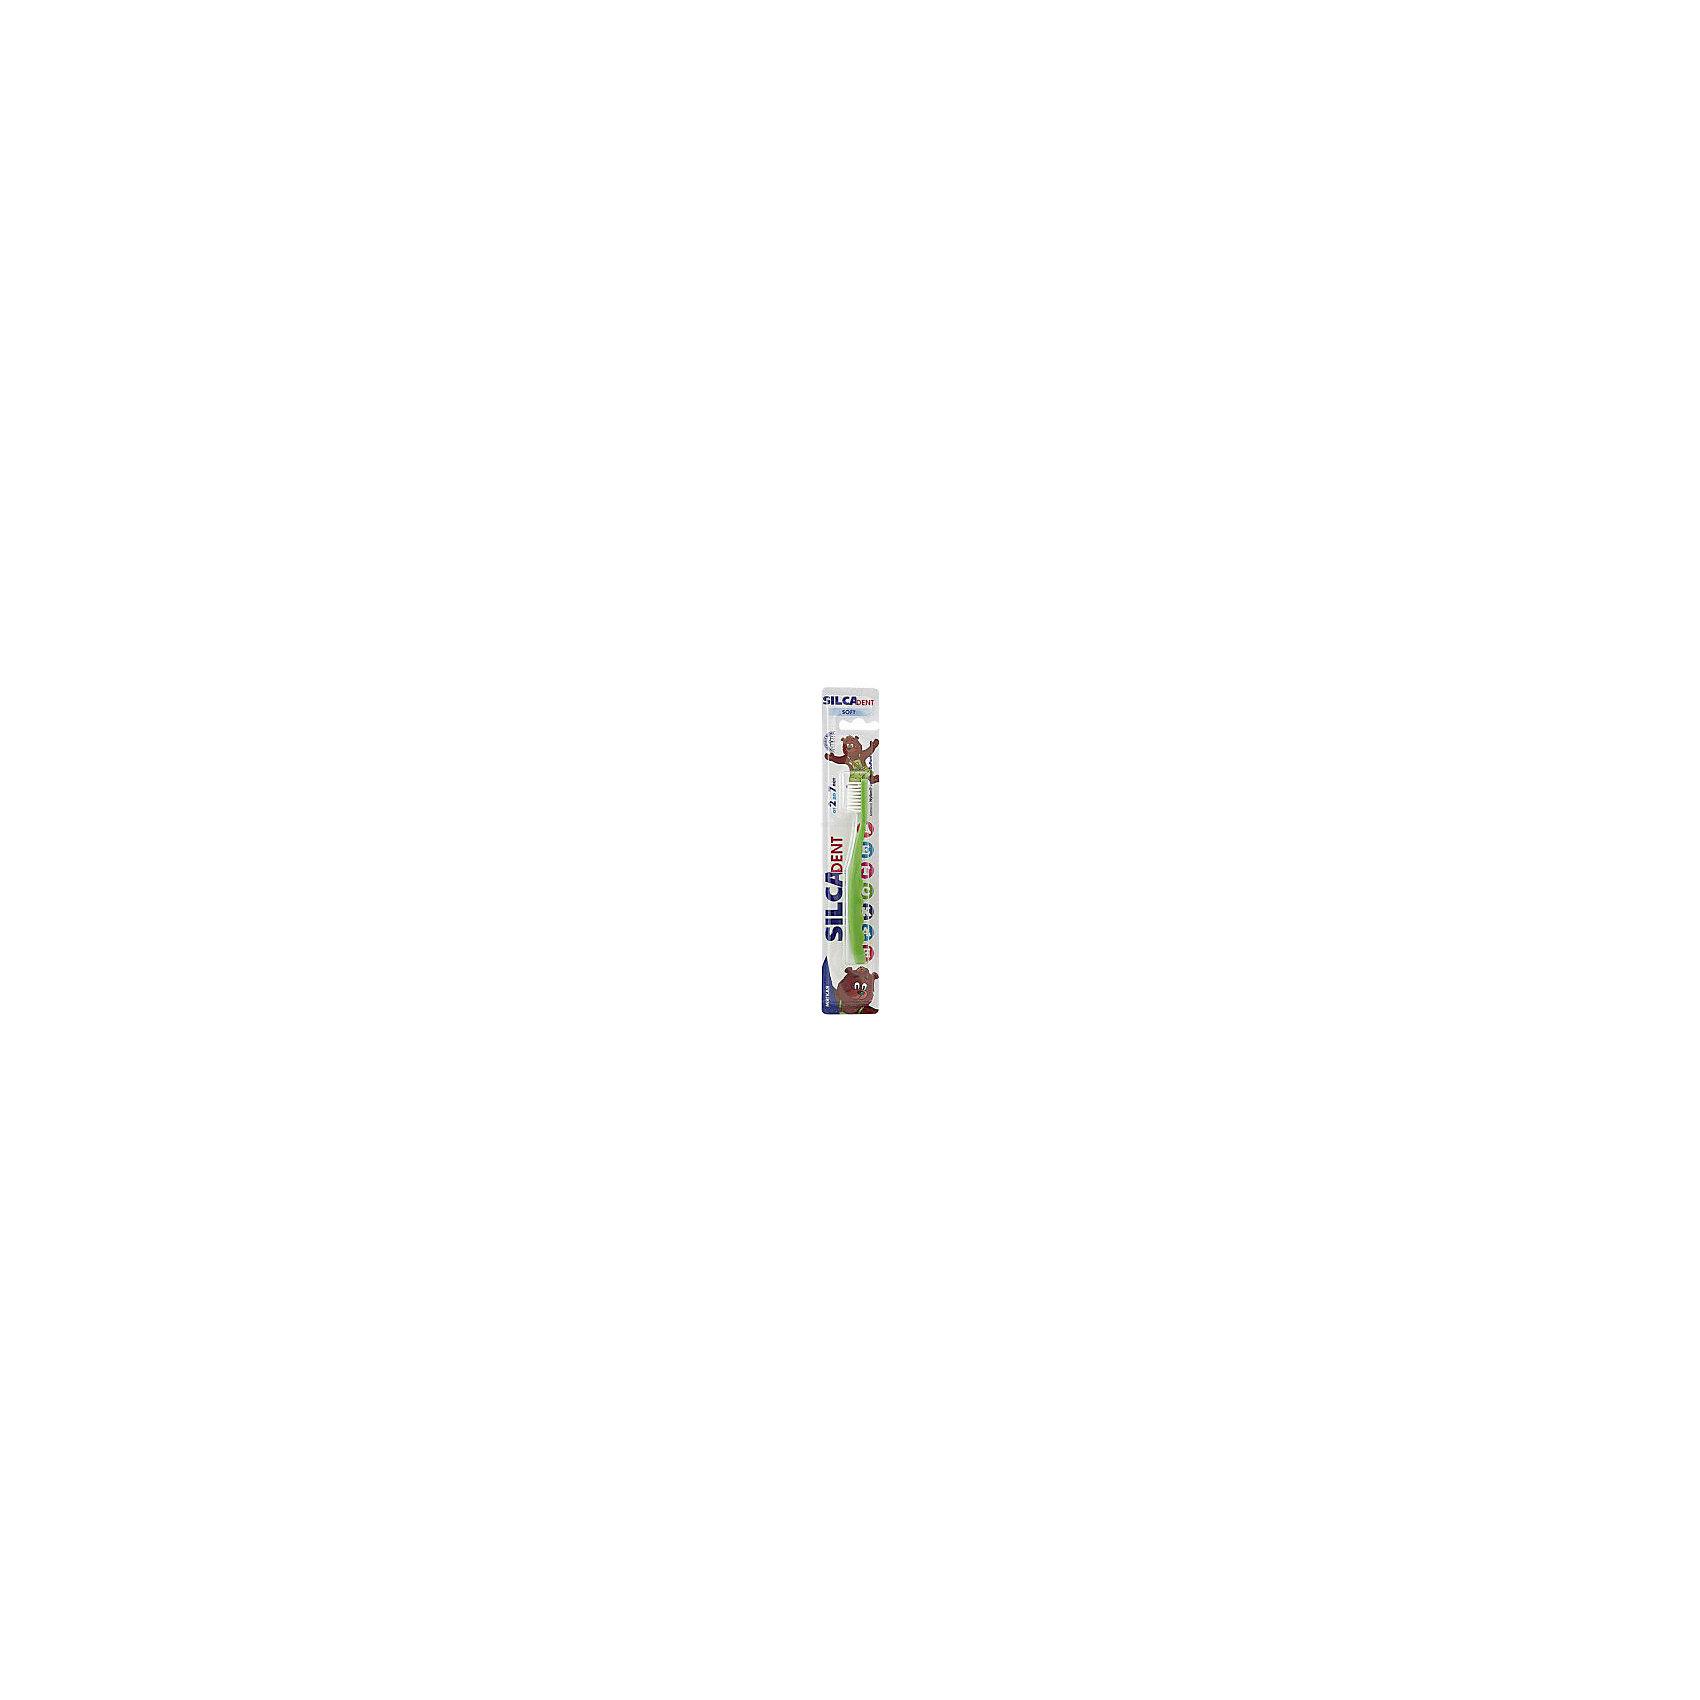 Зубная щетка 2-7 лет, Silca, в ассортиментеЗубные щетки<br>Зубная щетка мягкая. Soft. От 2 до 7 лет.<br>SILCADENT ДЕТСКАЯ – зубная щетка для детей от 2 до 7 лет. Мягкая щетина с тщательно закругленными кончиками эффективно удаляет зубной налет, не повреждая незрелую эмаль молочных зубов. Массивная рельефная ручка щетки позволяет ребенку удобно держать щетку во время чистки зубов, способствуя развитию навыков самостоятельной гигиены полости рта. Щетка представлена в различных цветовых вариантах – ребенок может выбрать понравившийся цвет из широкой палитры ярких оттенков.<br><br>Оптимальной формы головка с тщательно закругленной щетиной обеспечивает бережный уход за зубами и не травмирует чувствительные детские десны. При производстве щетины используется высококачественное волокно Nylon компании DuPont.<br><br>Оригинальная массивная ручка с волнистой поверхностью для фиксации пальчиков.<br><br>Ручка: полипропилен, термопластический эластомер.<br><br>Щетина: волокно Nylon полиамид 6.10<br><br>Ширина мм: 43<br>Глубина мм: 20<br>Высота мм: 150<br>Вес г: 266<br>Возраст от месяцев: 24<br>Возраст до месяцев: 84<br>Пол: Унисекс<br>Возраст: Детский<br>SKU: 4729851